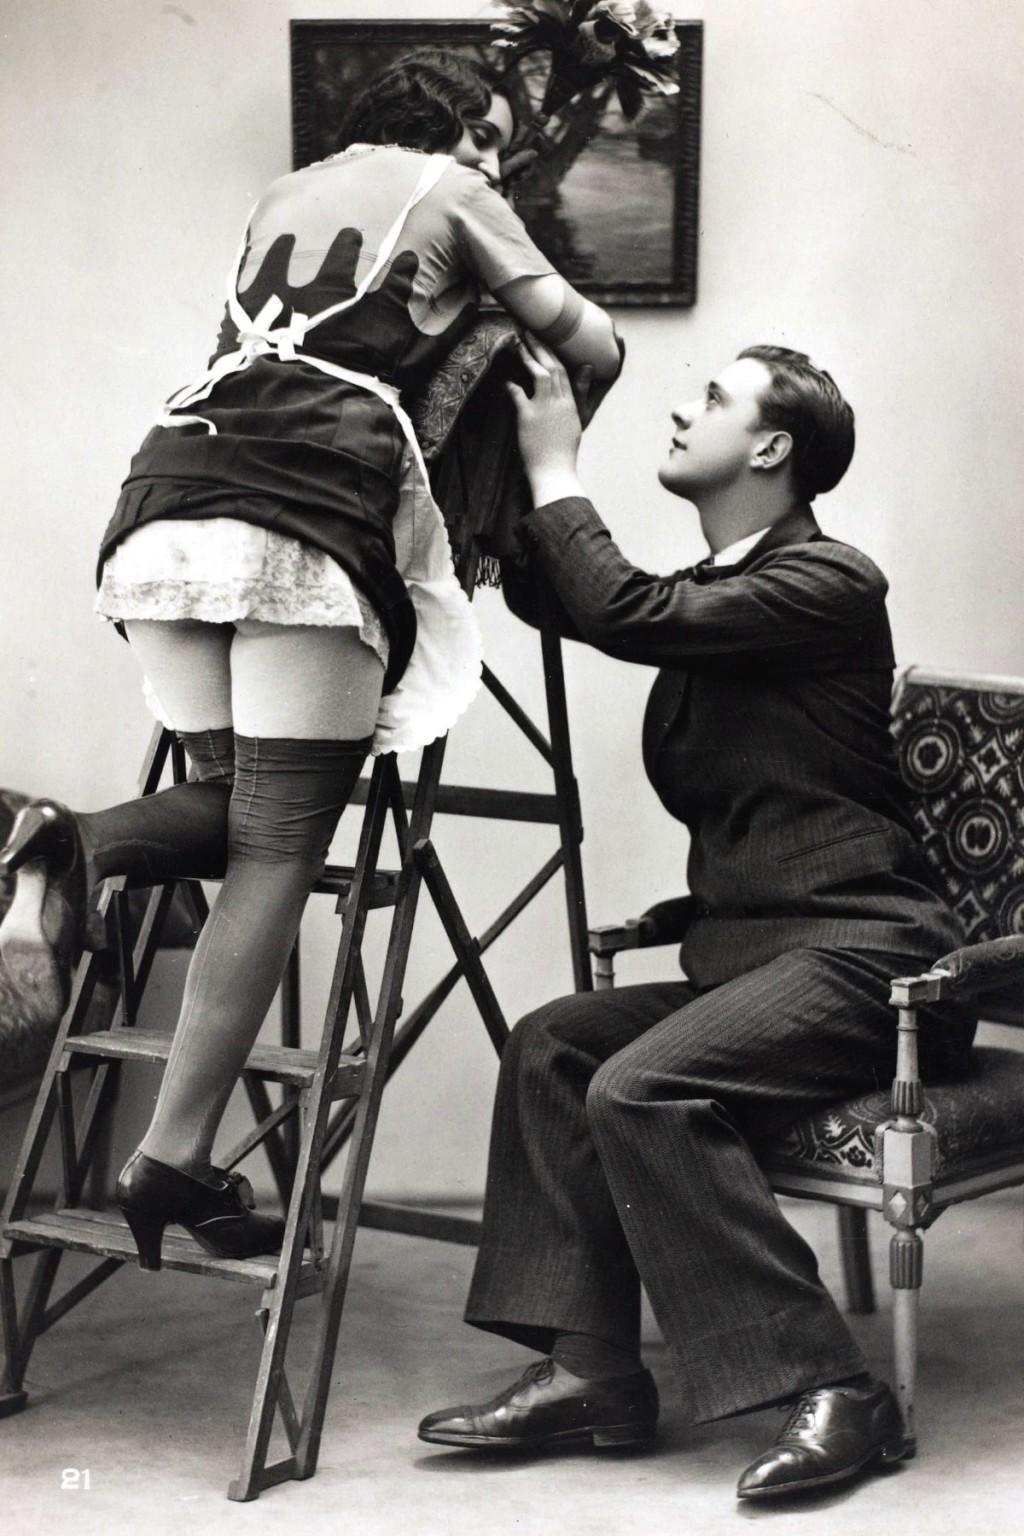 Эротика 19 го века как это делали тогда 17 фотография